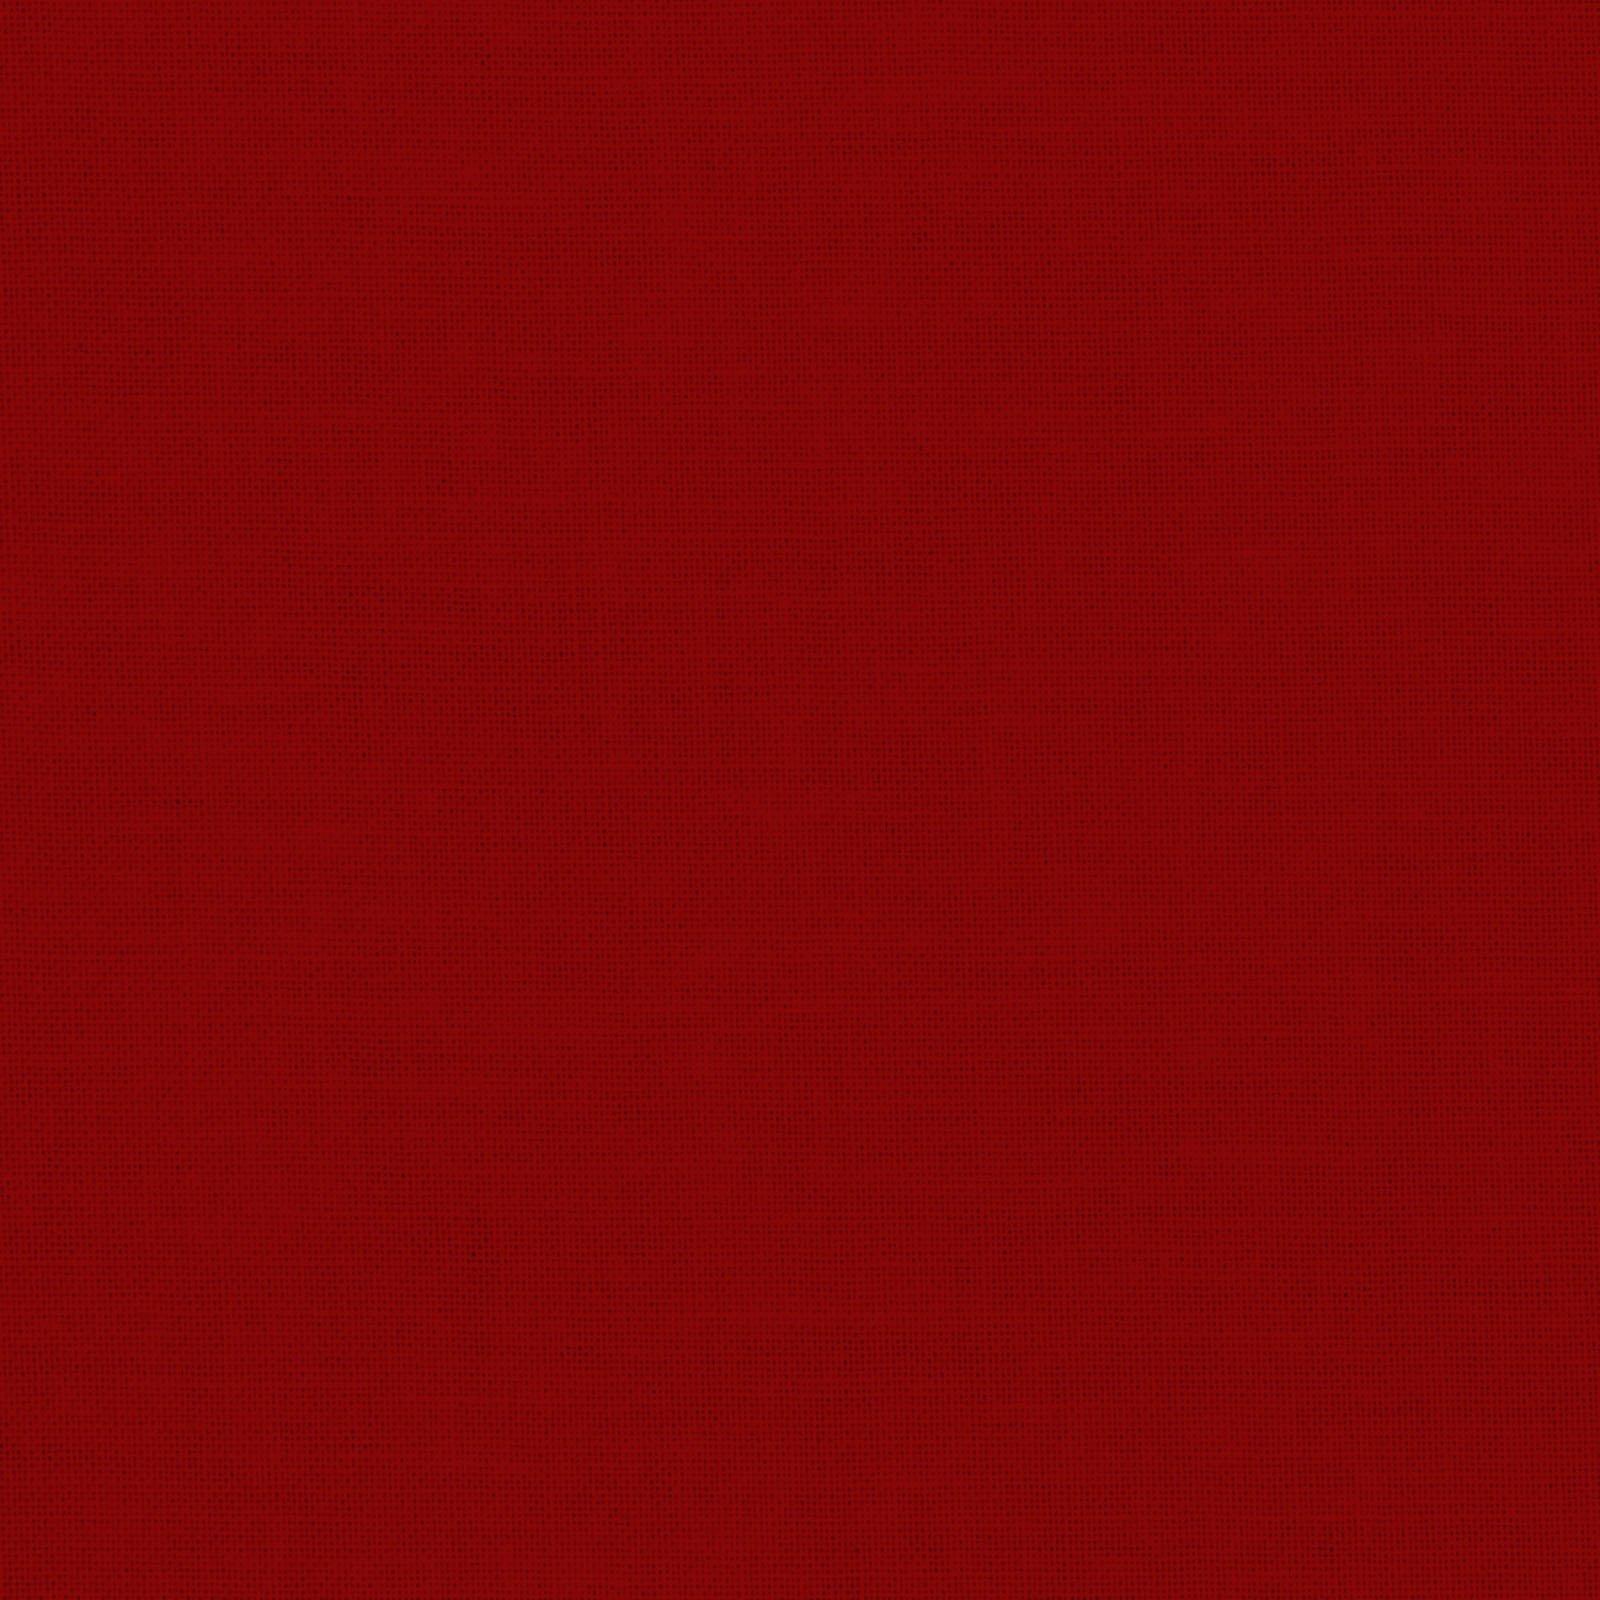 Solid - Redwork<br/>RJR 9617-222